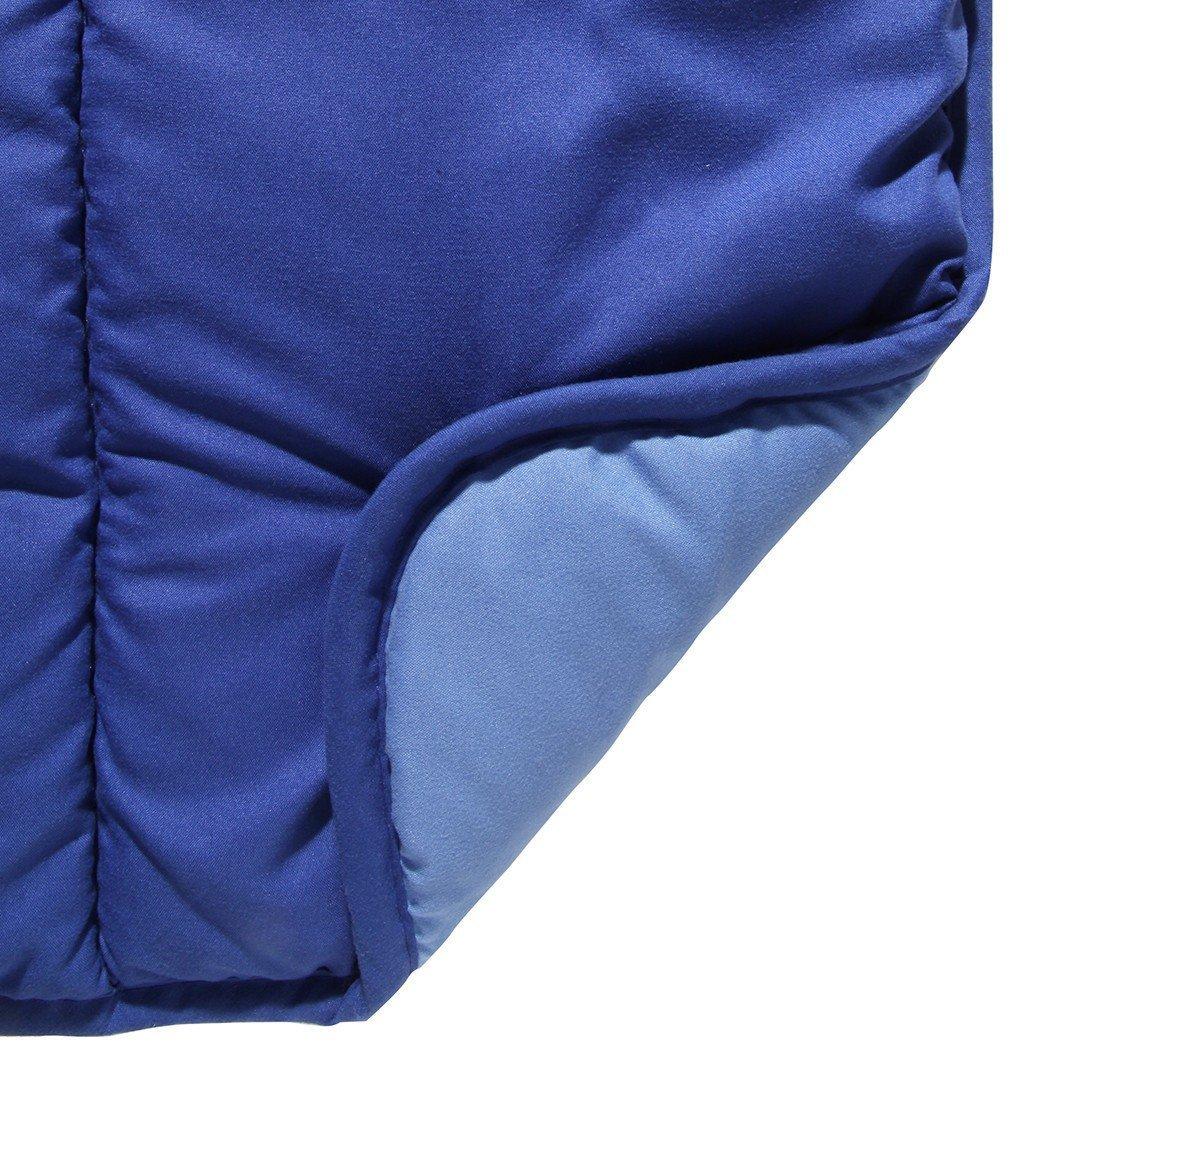 Edredon nórdico de 300gr Bicolor color Marron/Piedra 240x220 (para cama de 135 y 150) : Amazon.es: Hogar